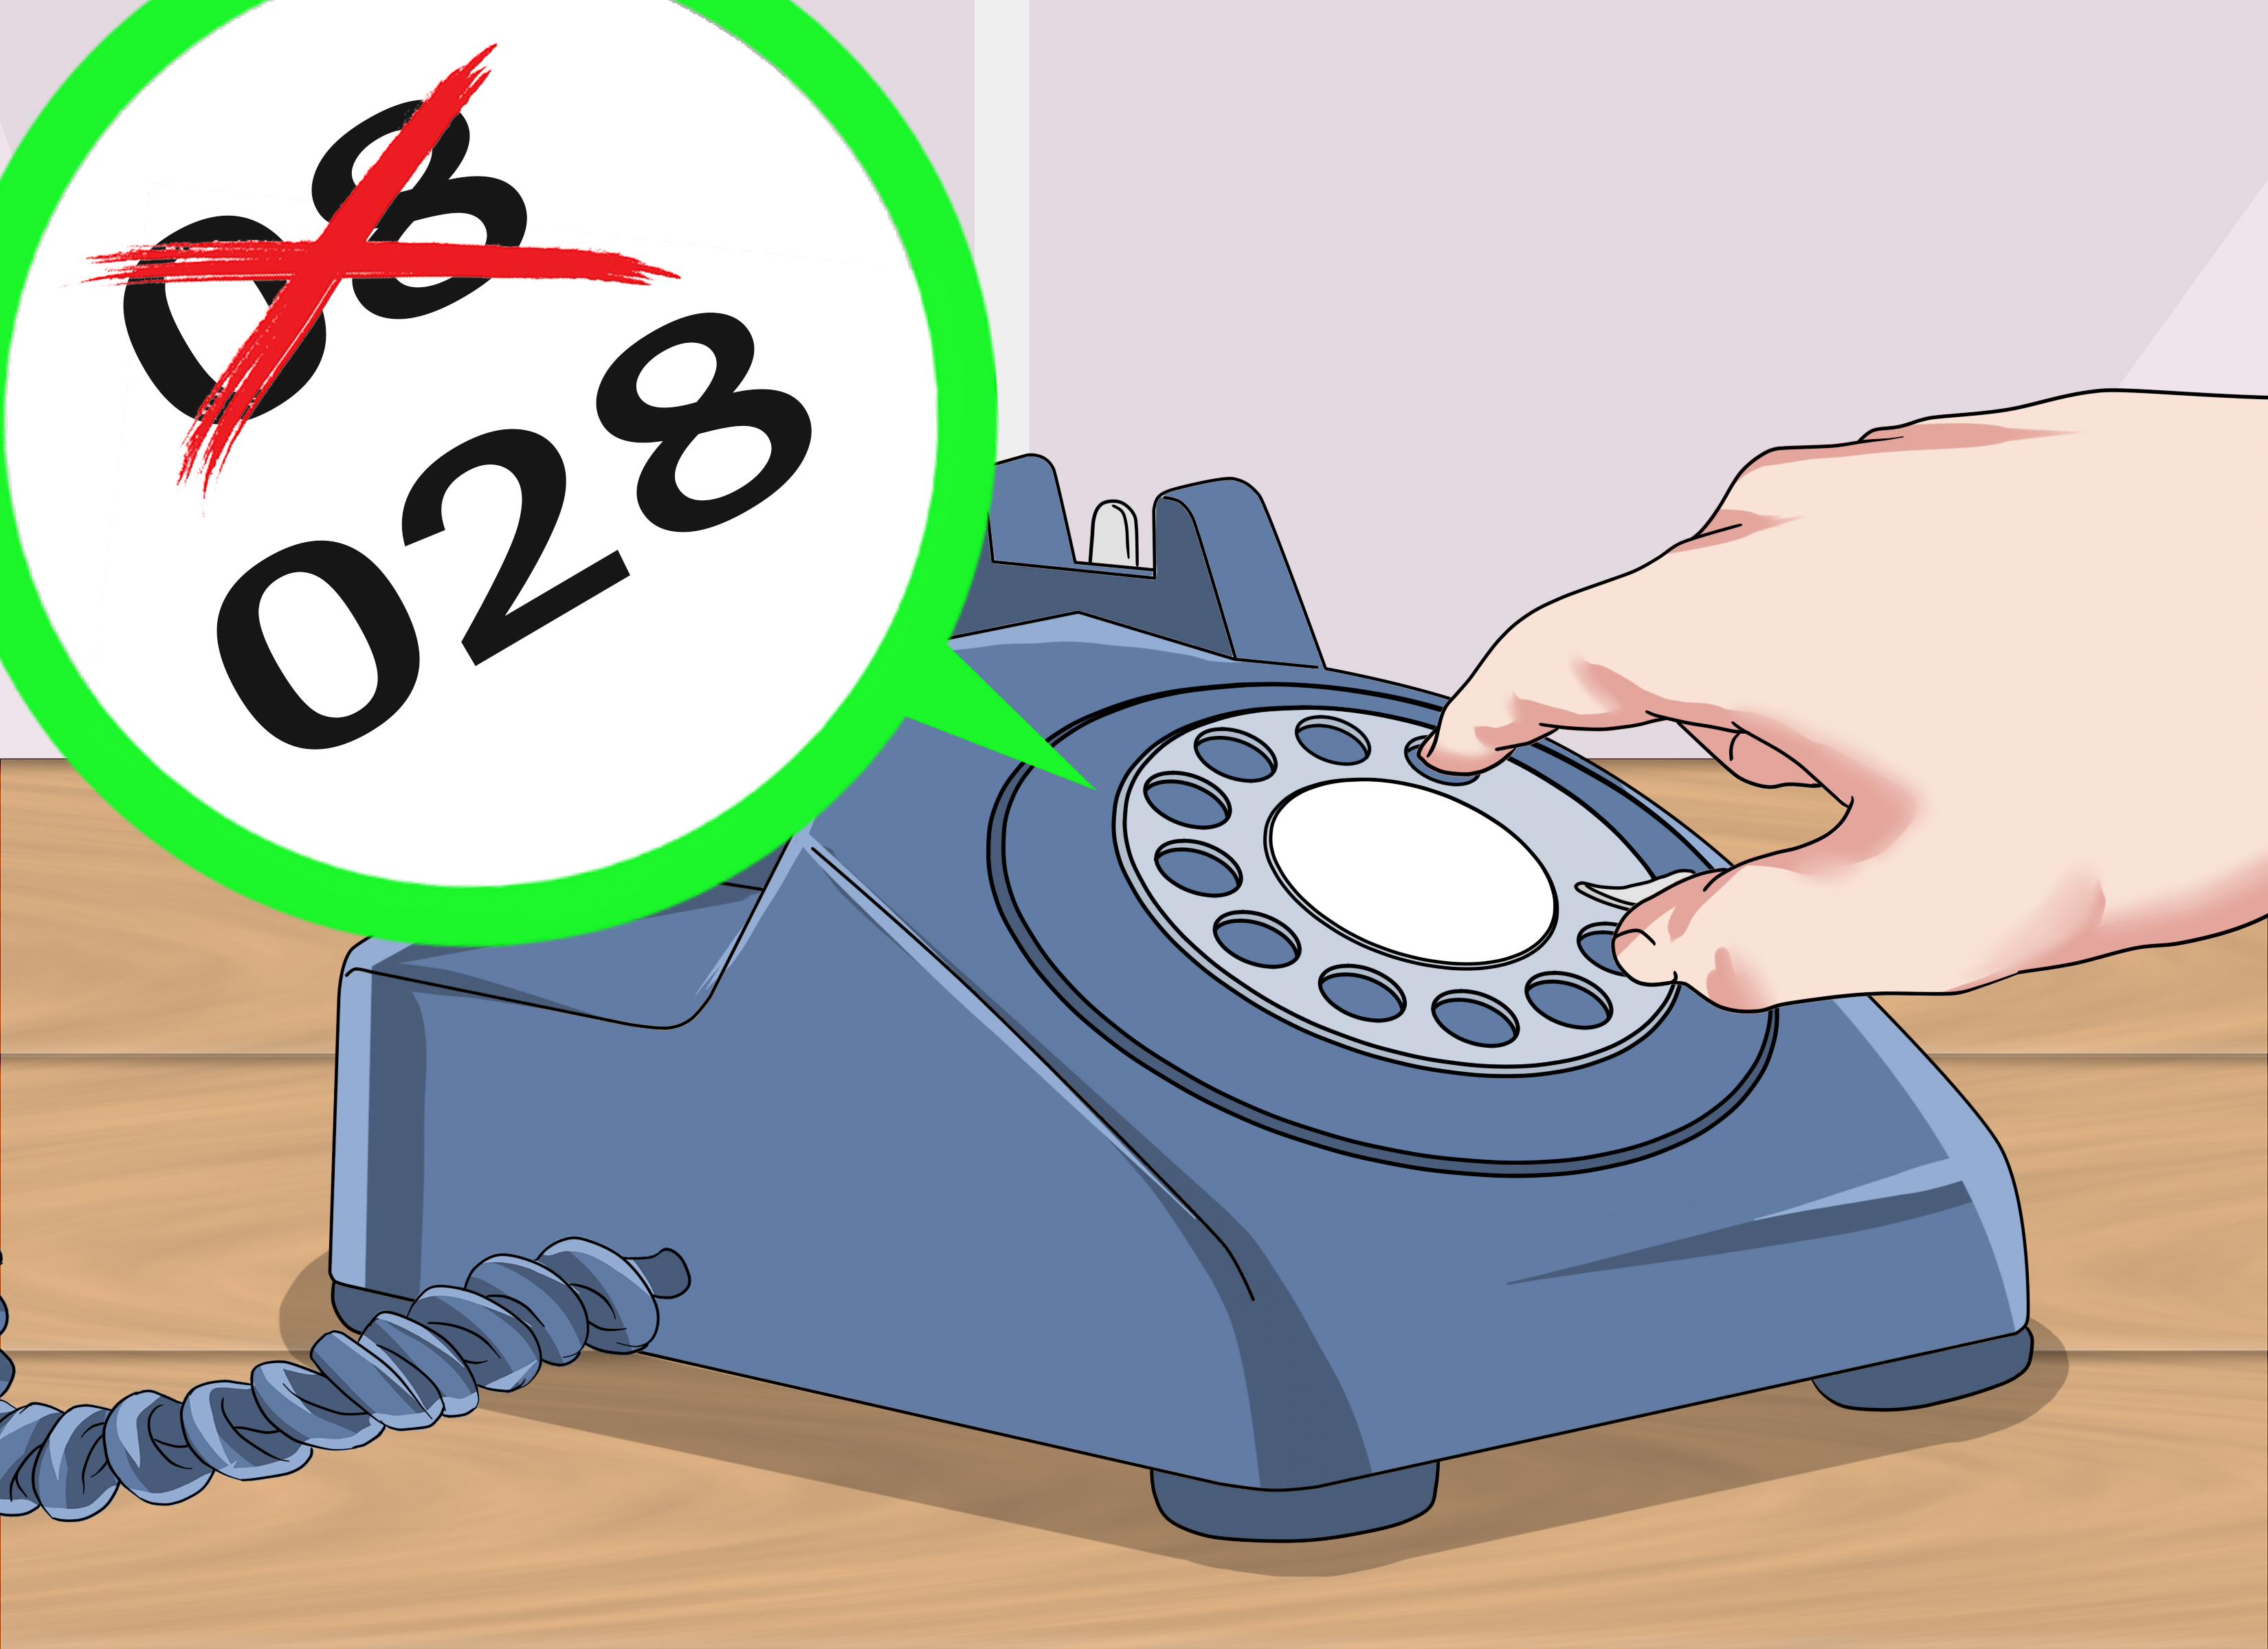 Thông báo thay đổi số vùng điện thoại